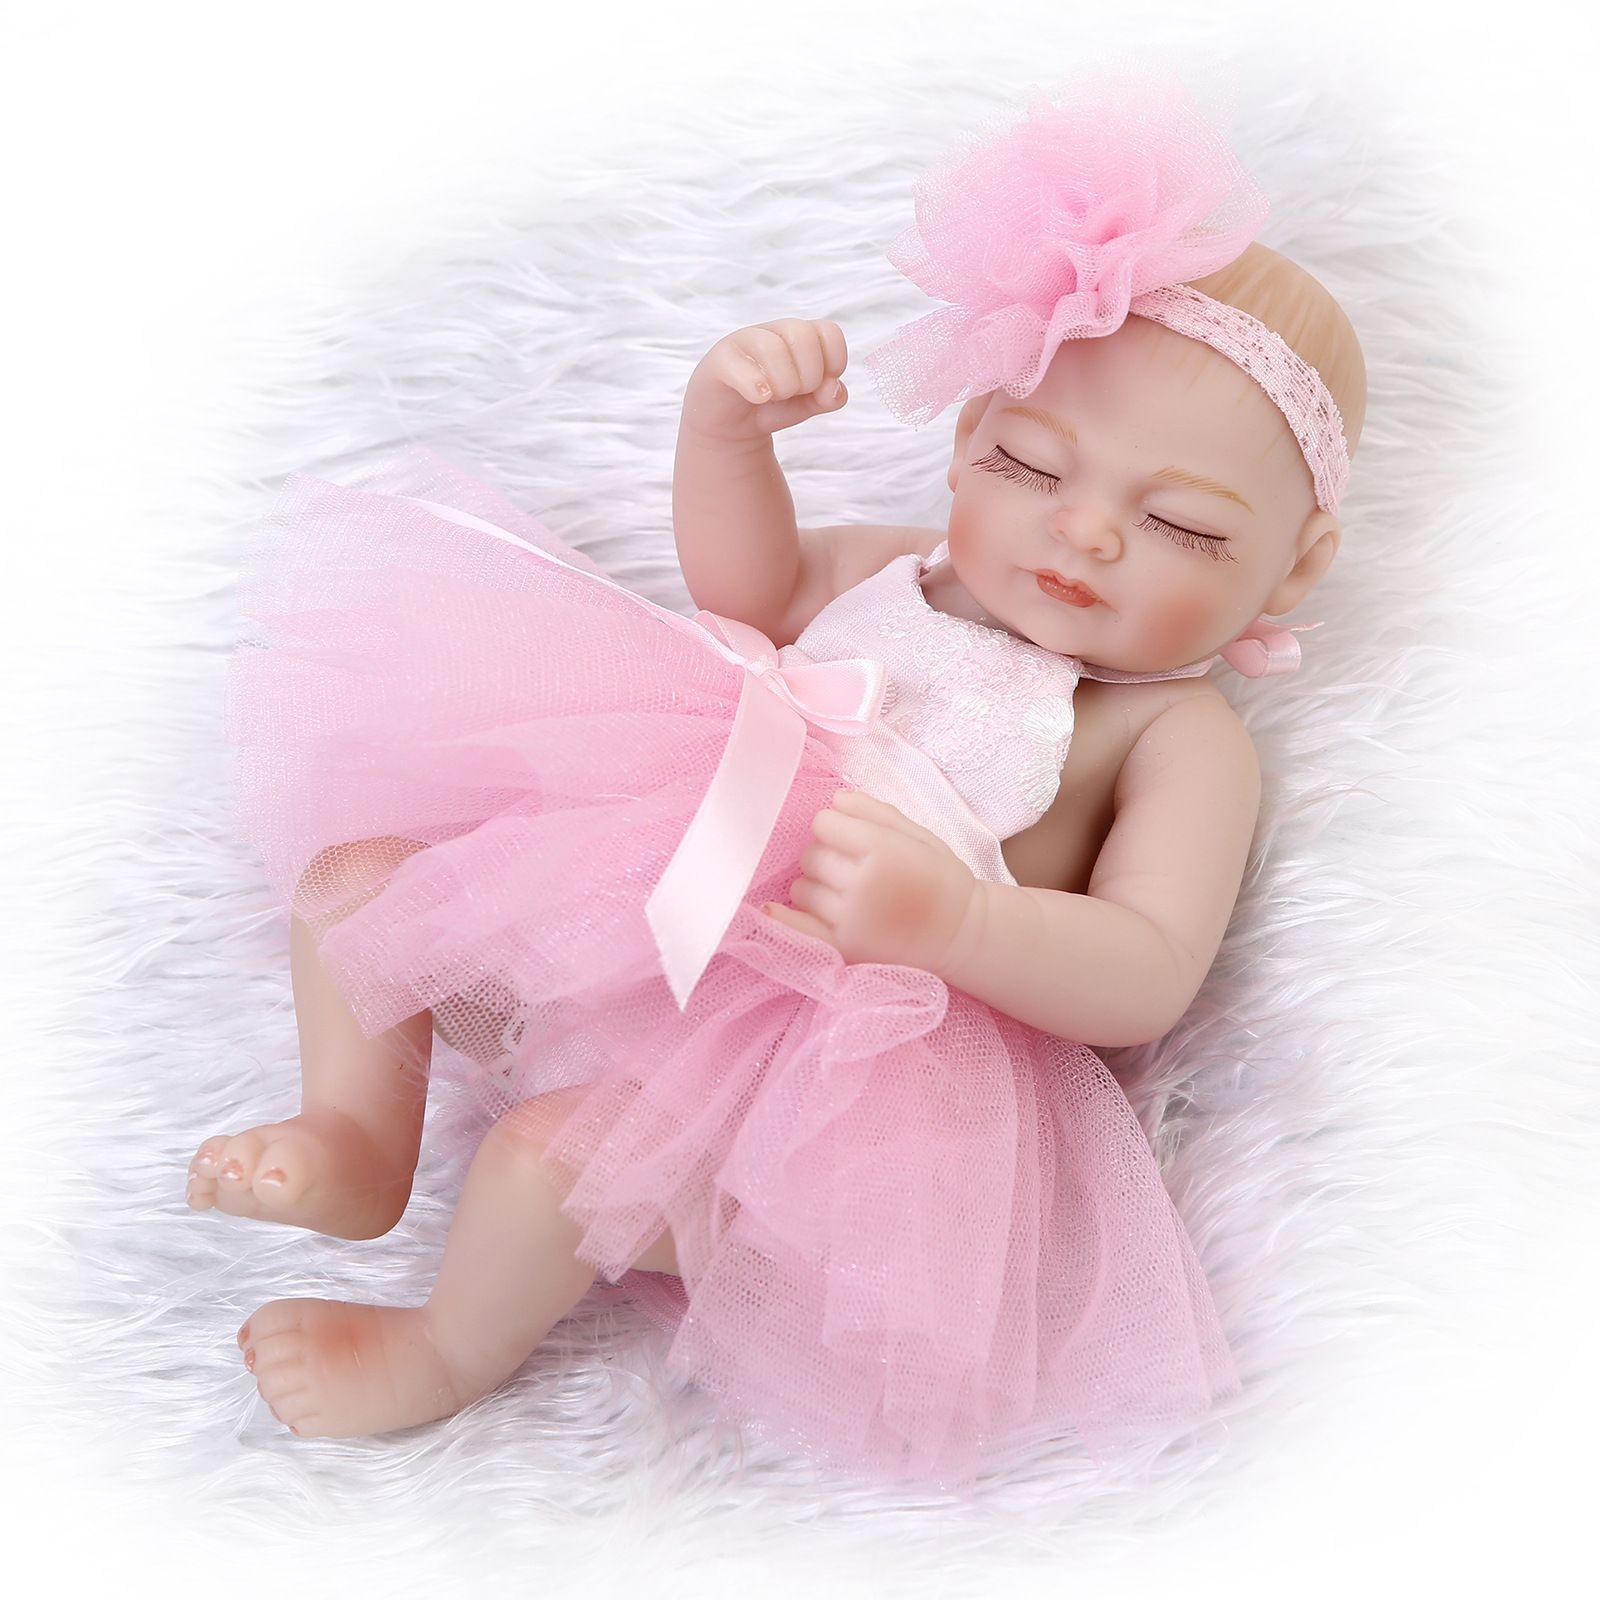 Compre es 10inch Vestido De Boda De Silicona Reborn Baby Doll ...